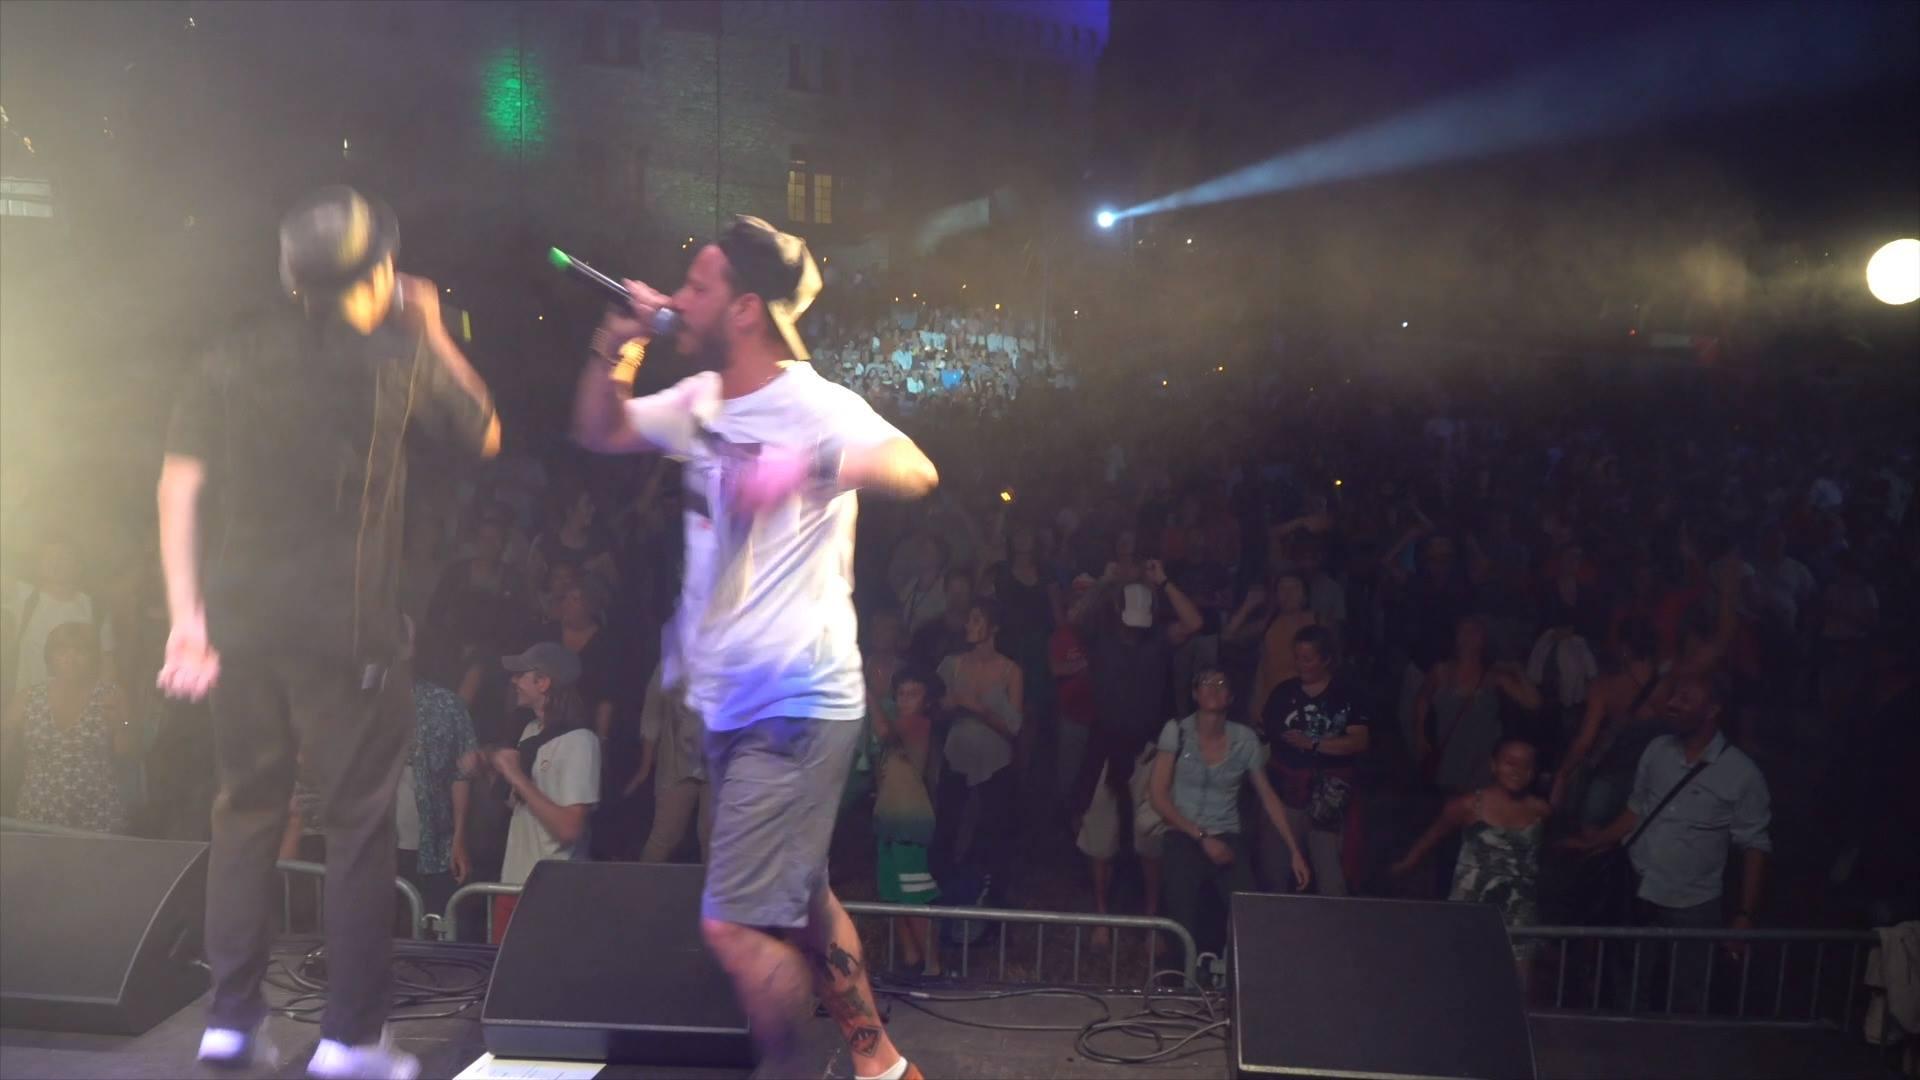 Jo2Plainp + Kekos Alex DJ SKD - Montjoux Festival 2018